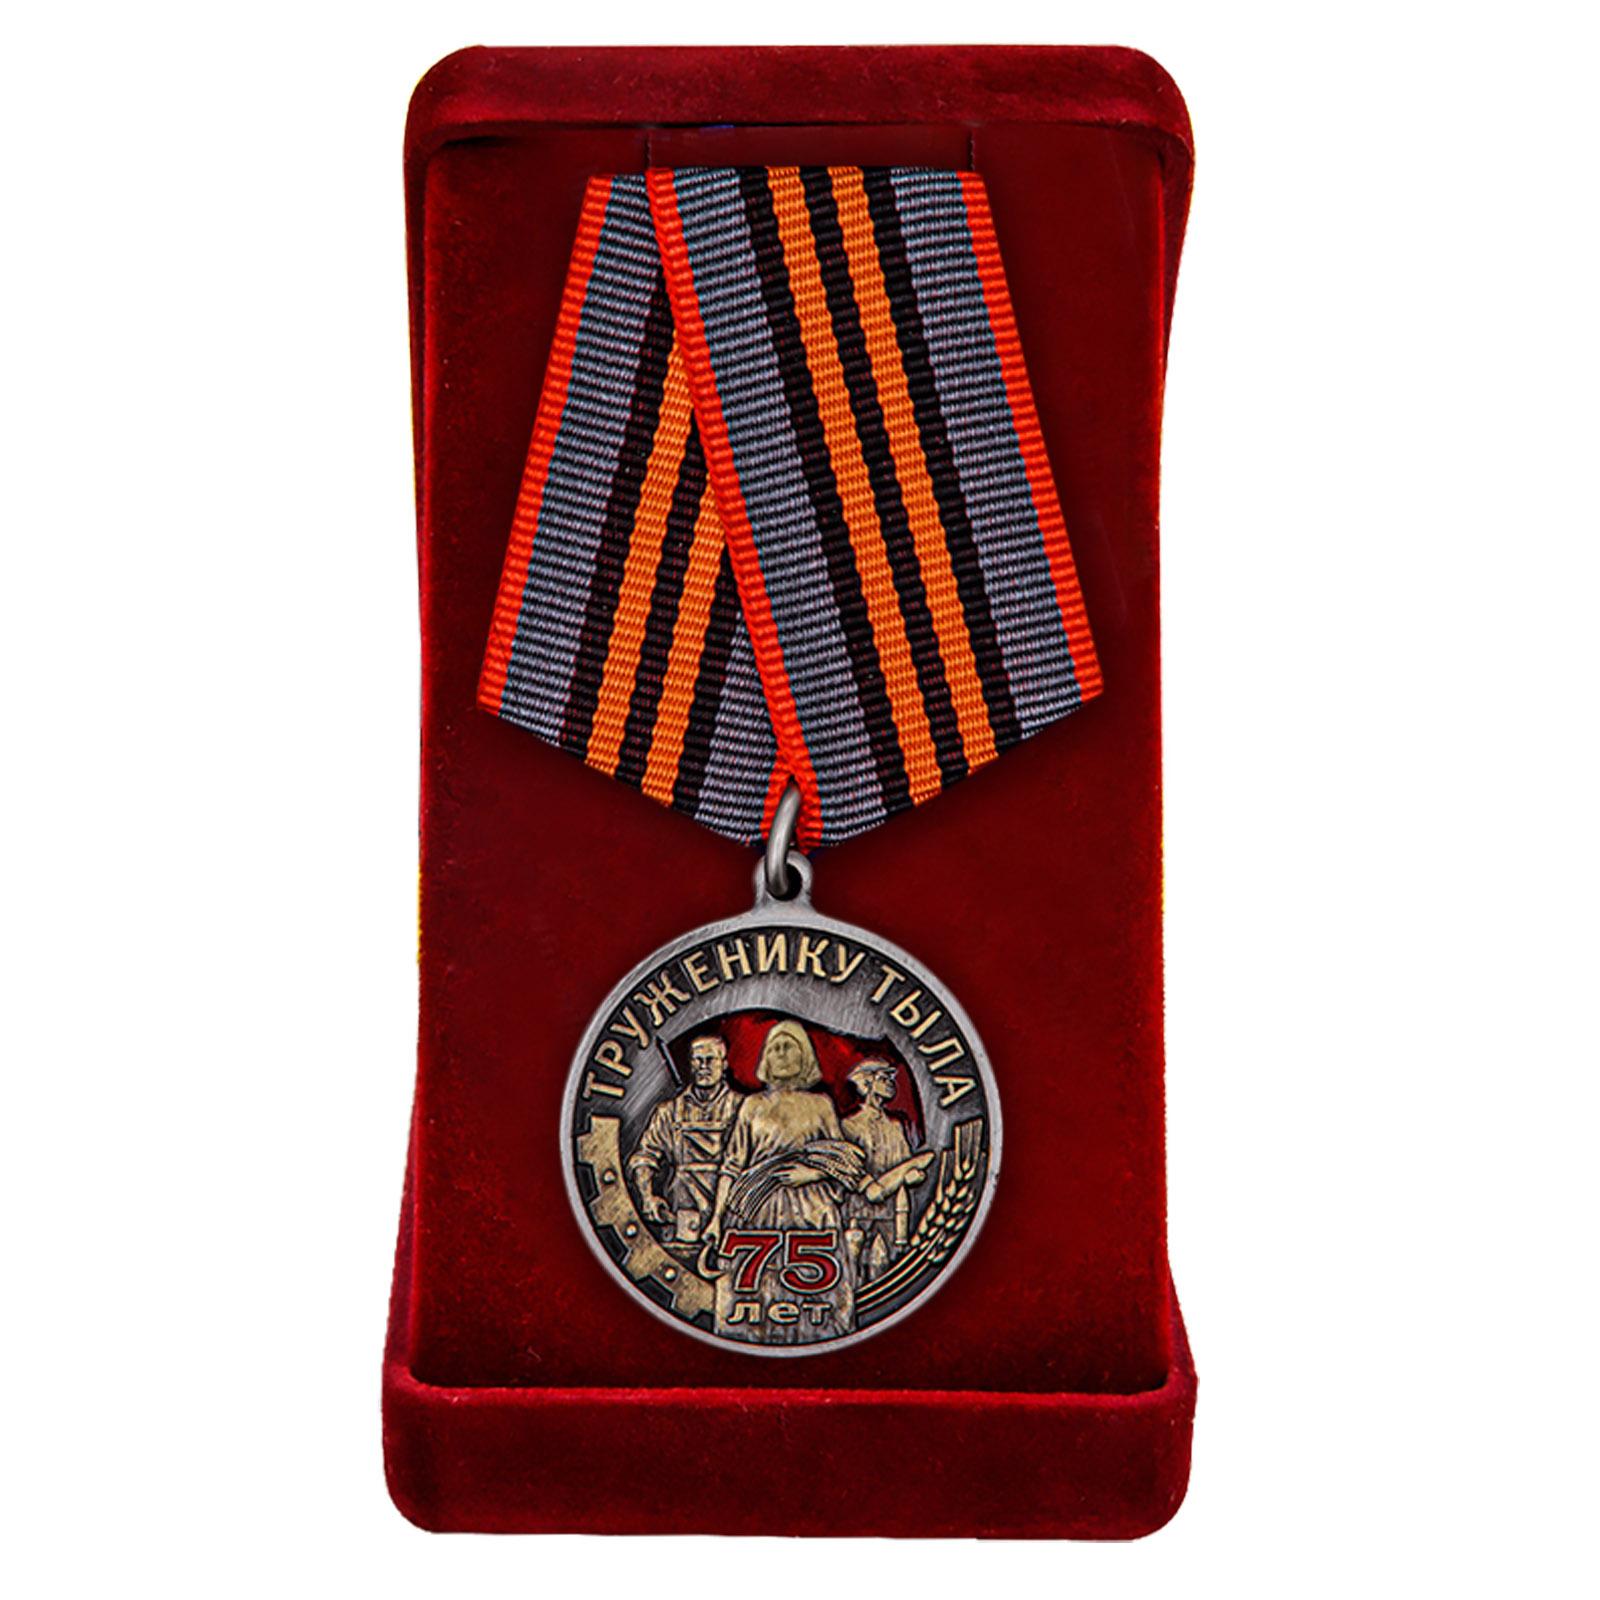 Купить общественную медаль Труженику тыла к 75-летию Победы в ВОВ с доставкой